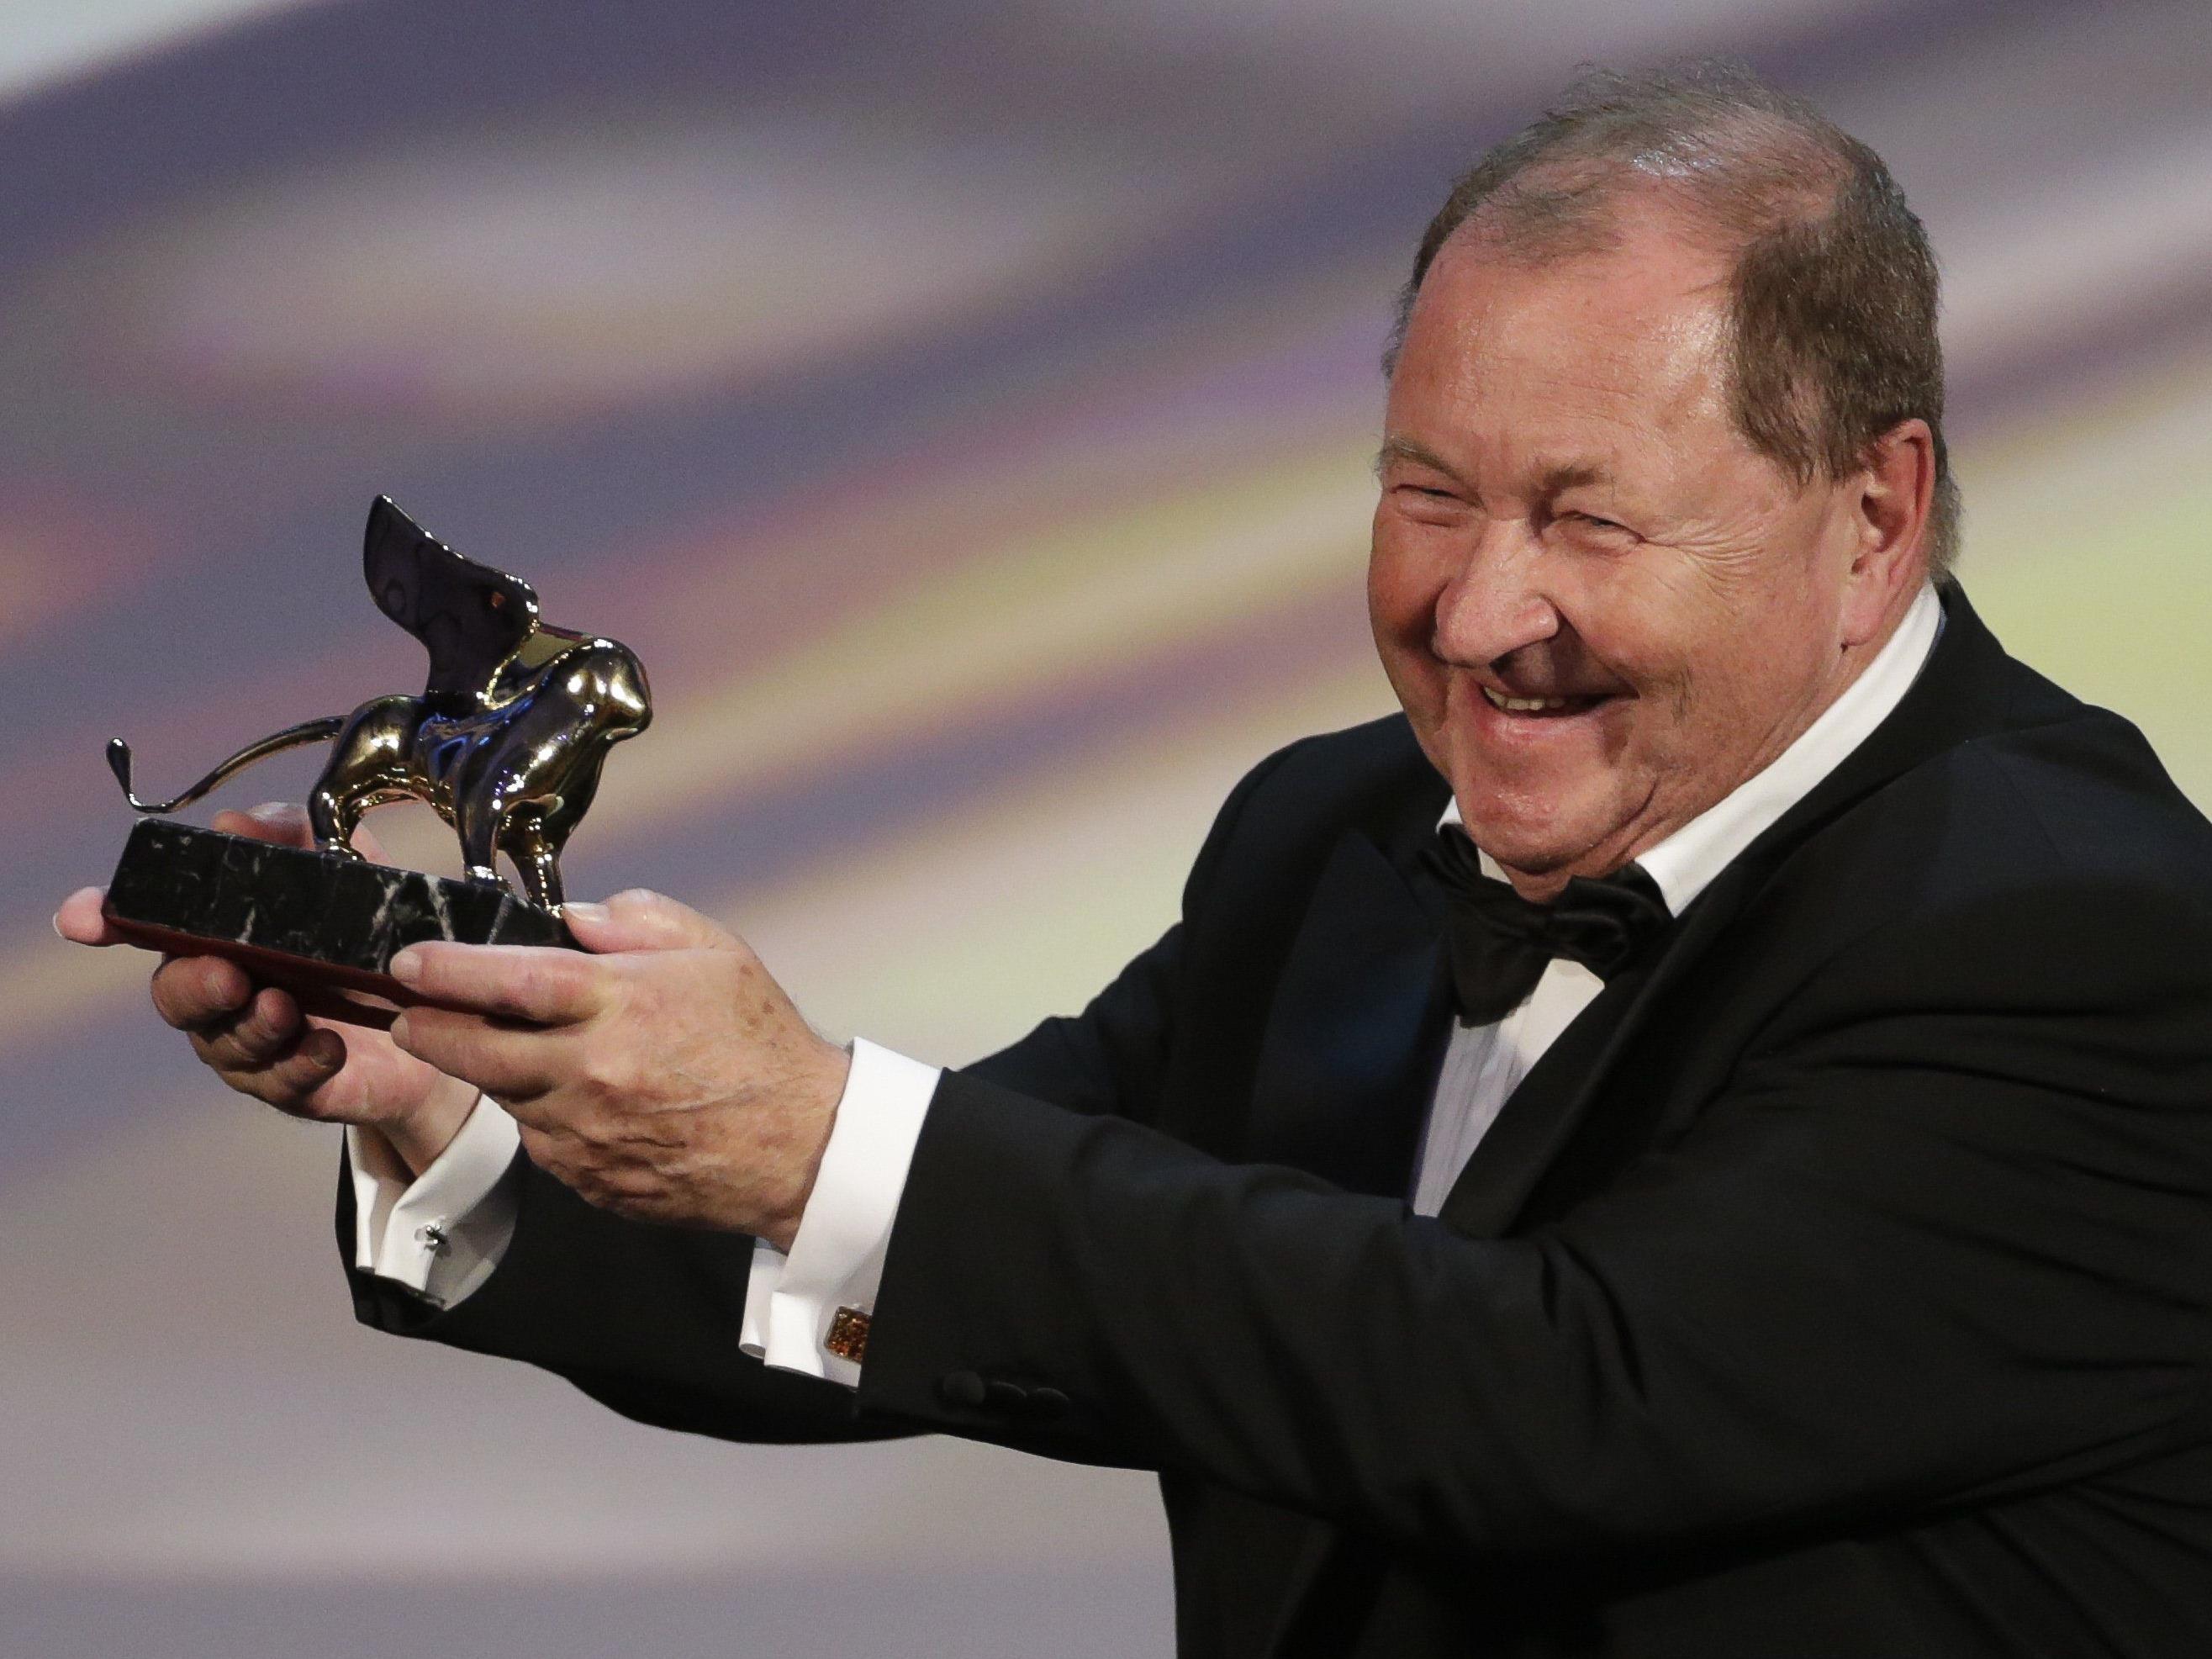 Goldener Löwe für Film von Roy Andersson über Taube auf dem Ast